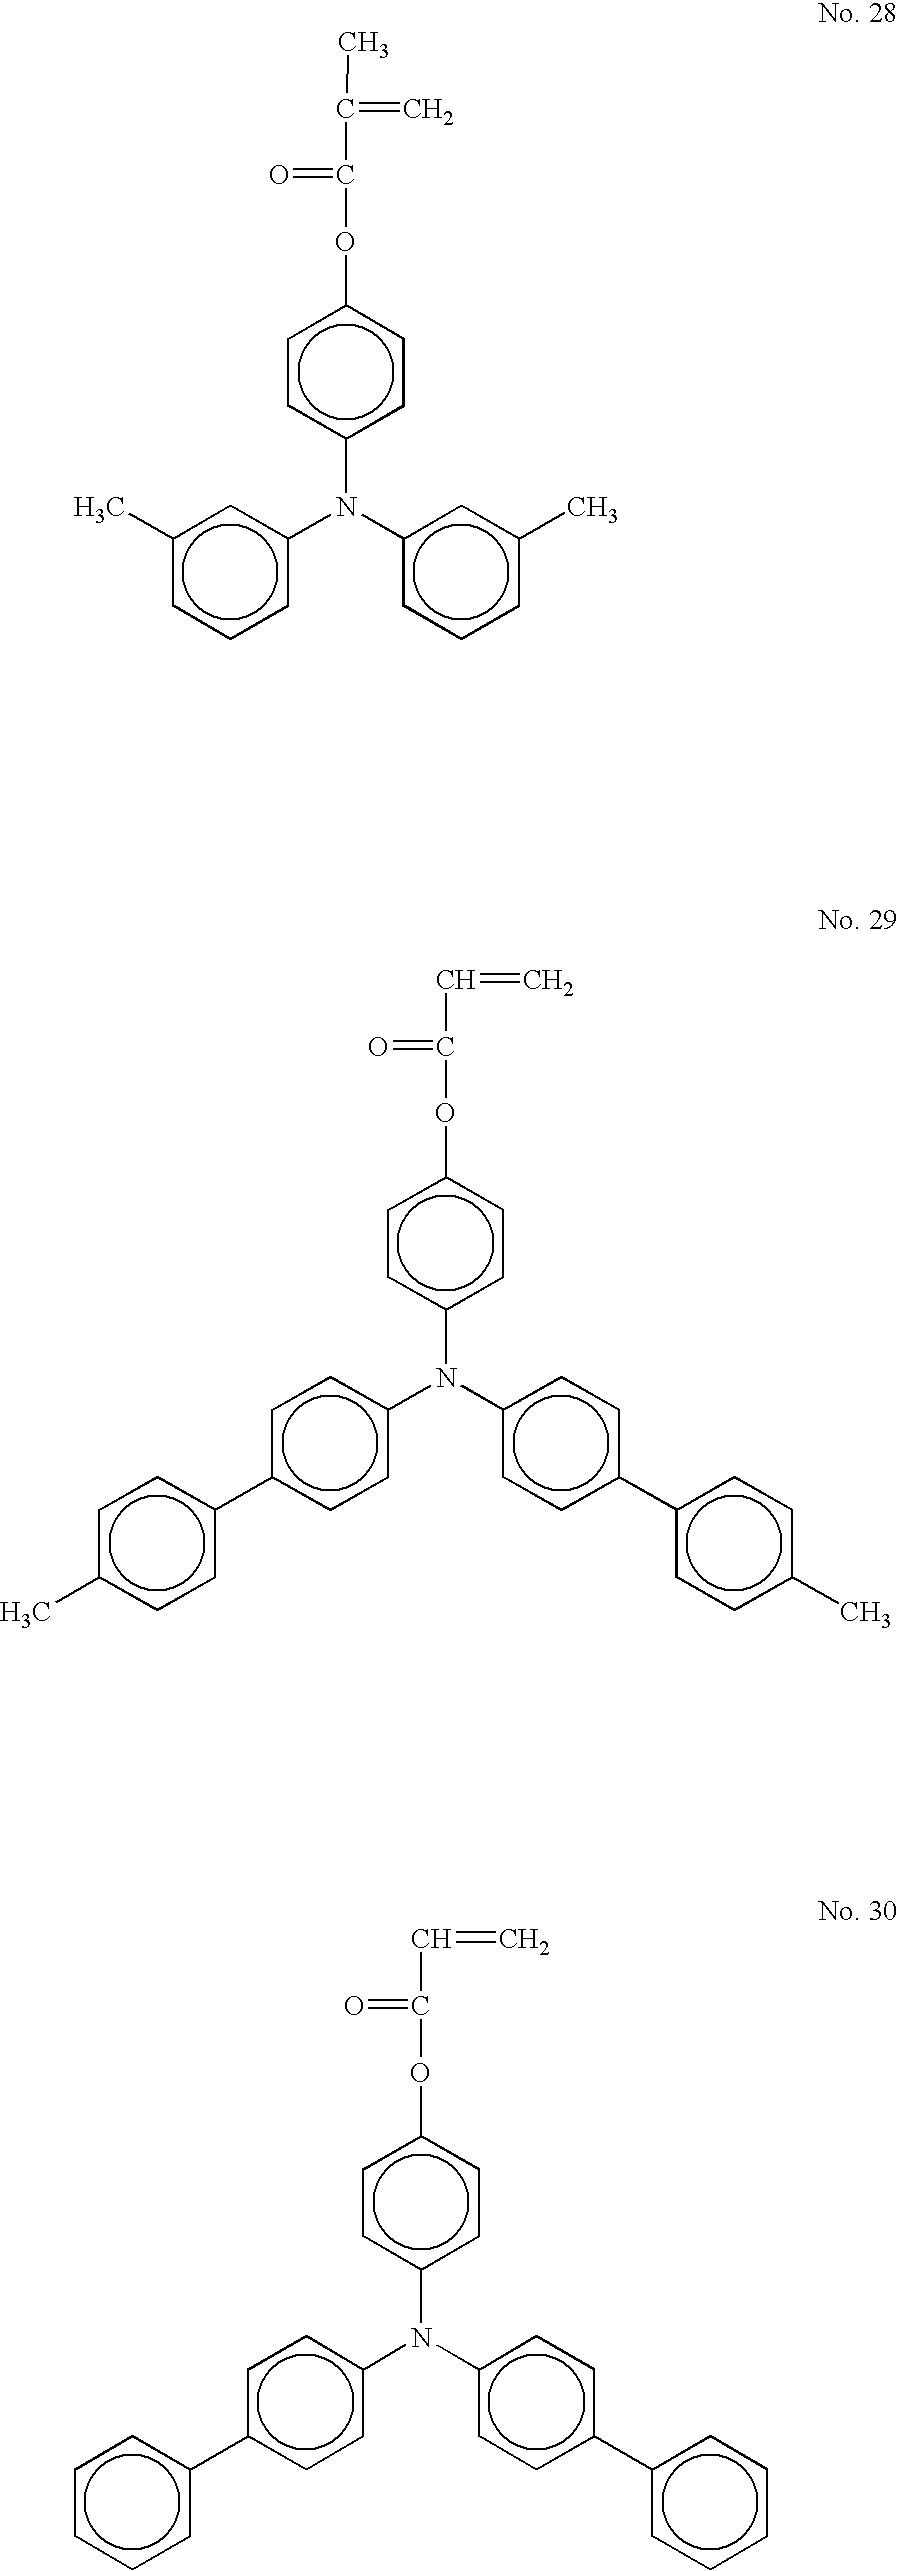 Figure US20040253527A1-20041216-C00021